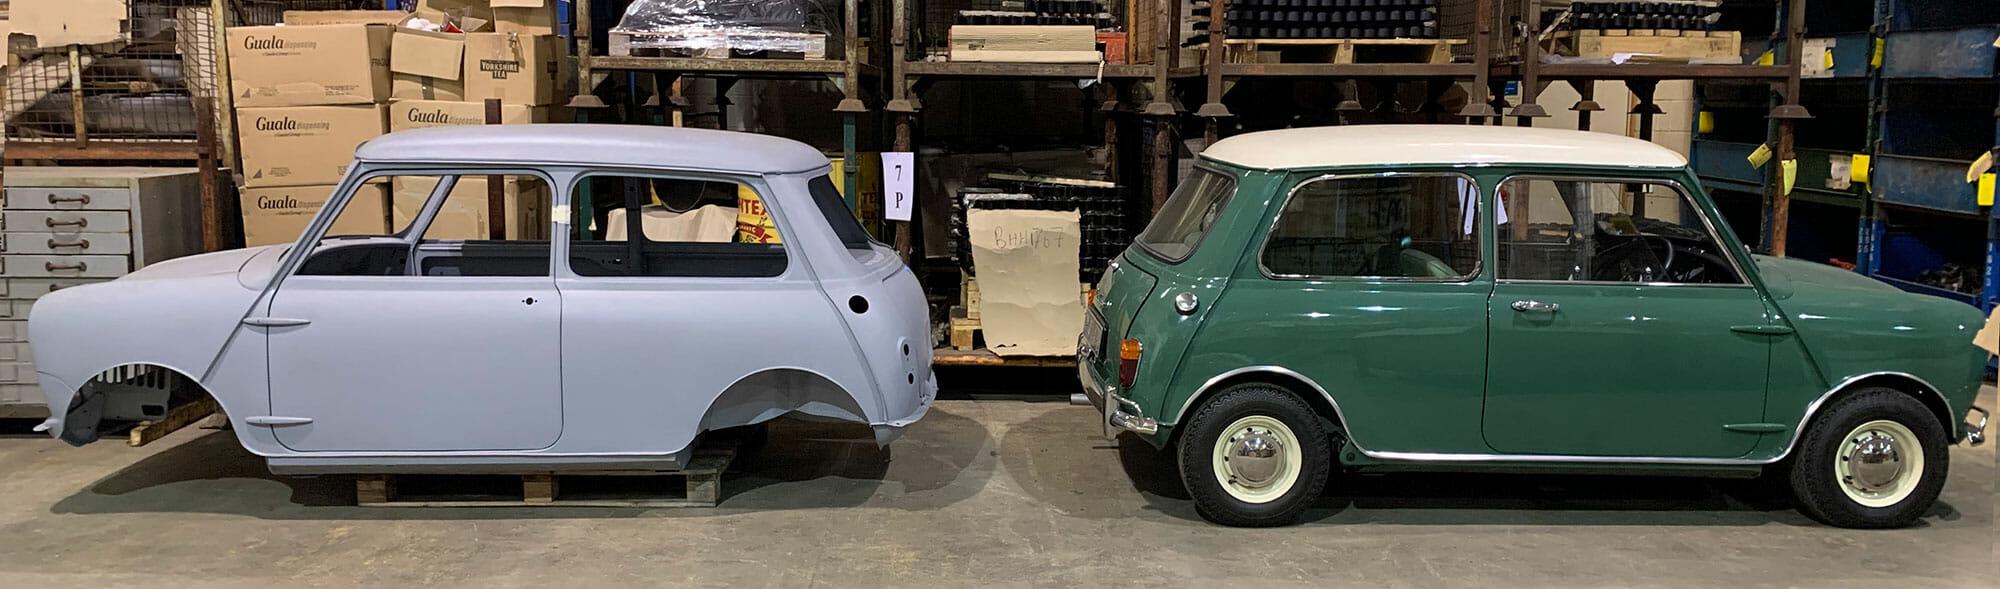 British Motor Heritage Mini Body Shells